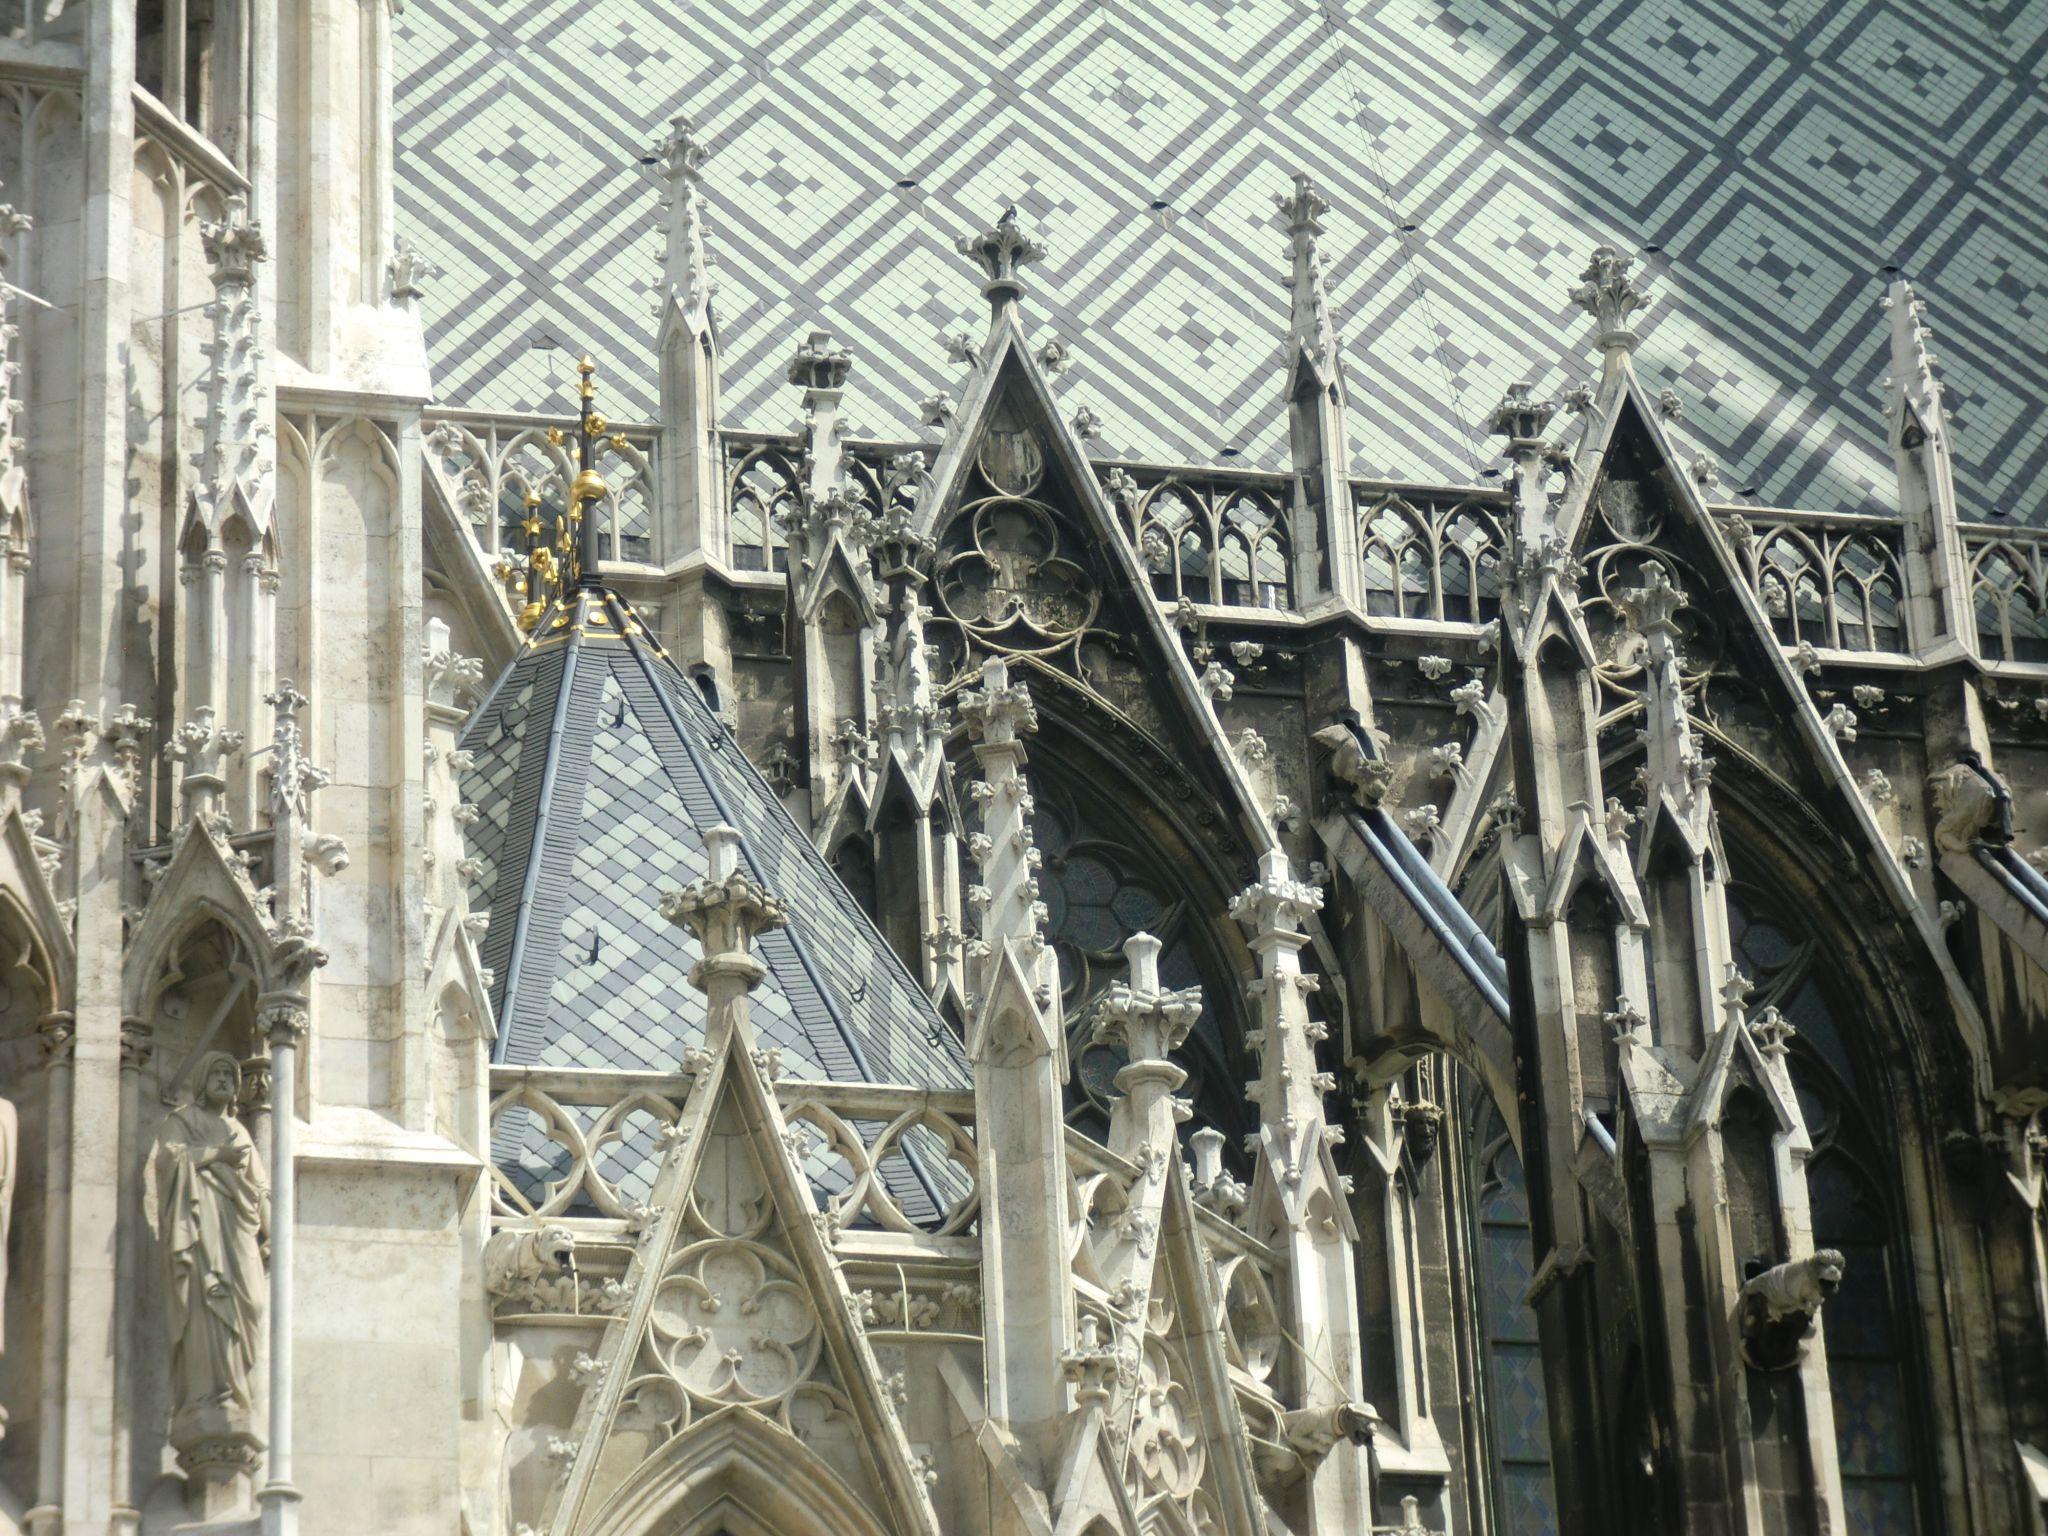 Vienna cathedral 52 1440x1080 - Vienna: elegant beauty